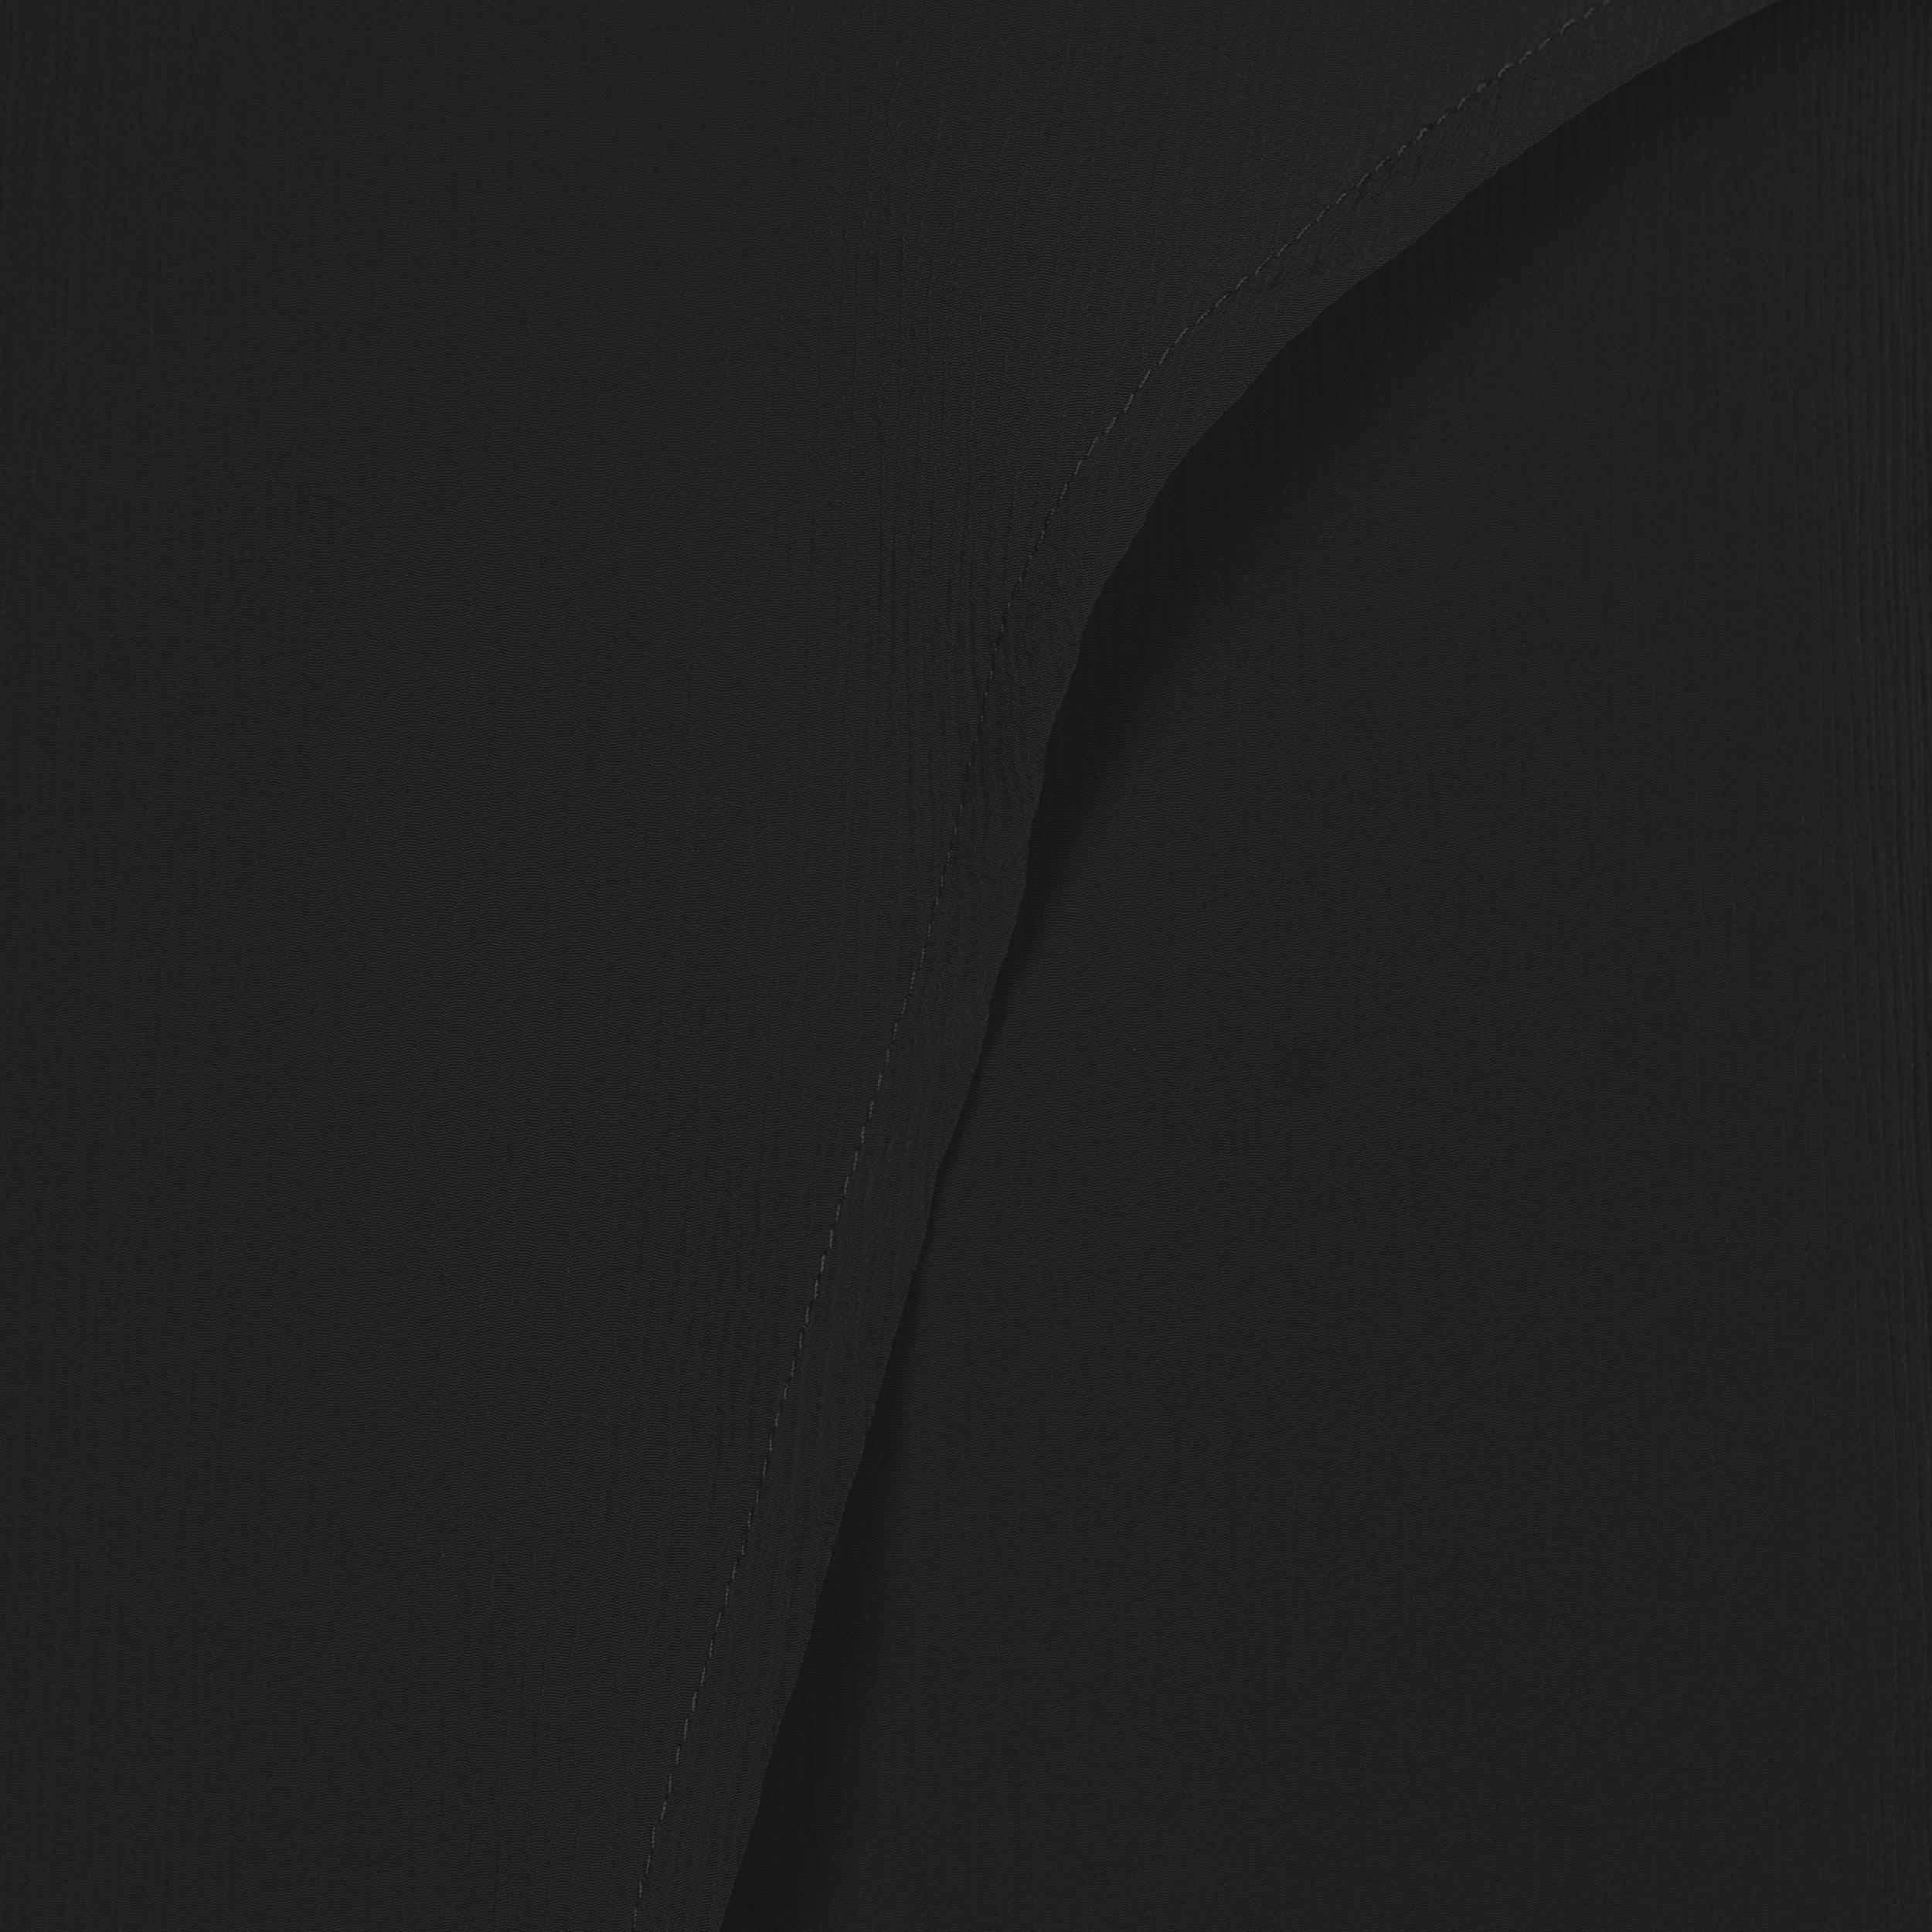 پیراهن زنانه زیبو مدل جولی کد 01297